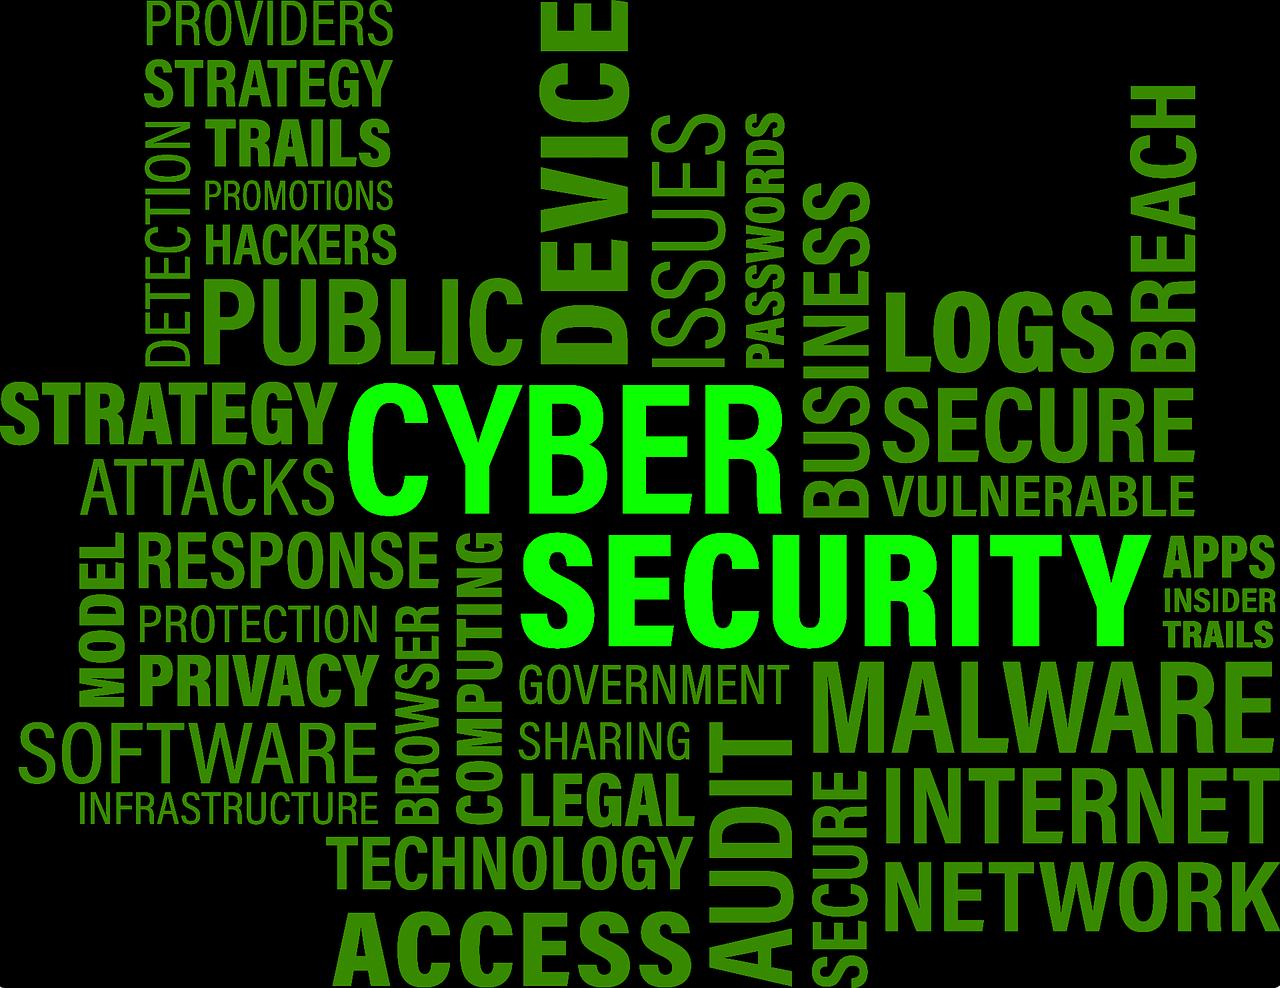 empresas-de-ciberseguridad-en-valencia